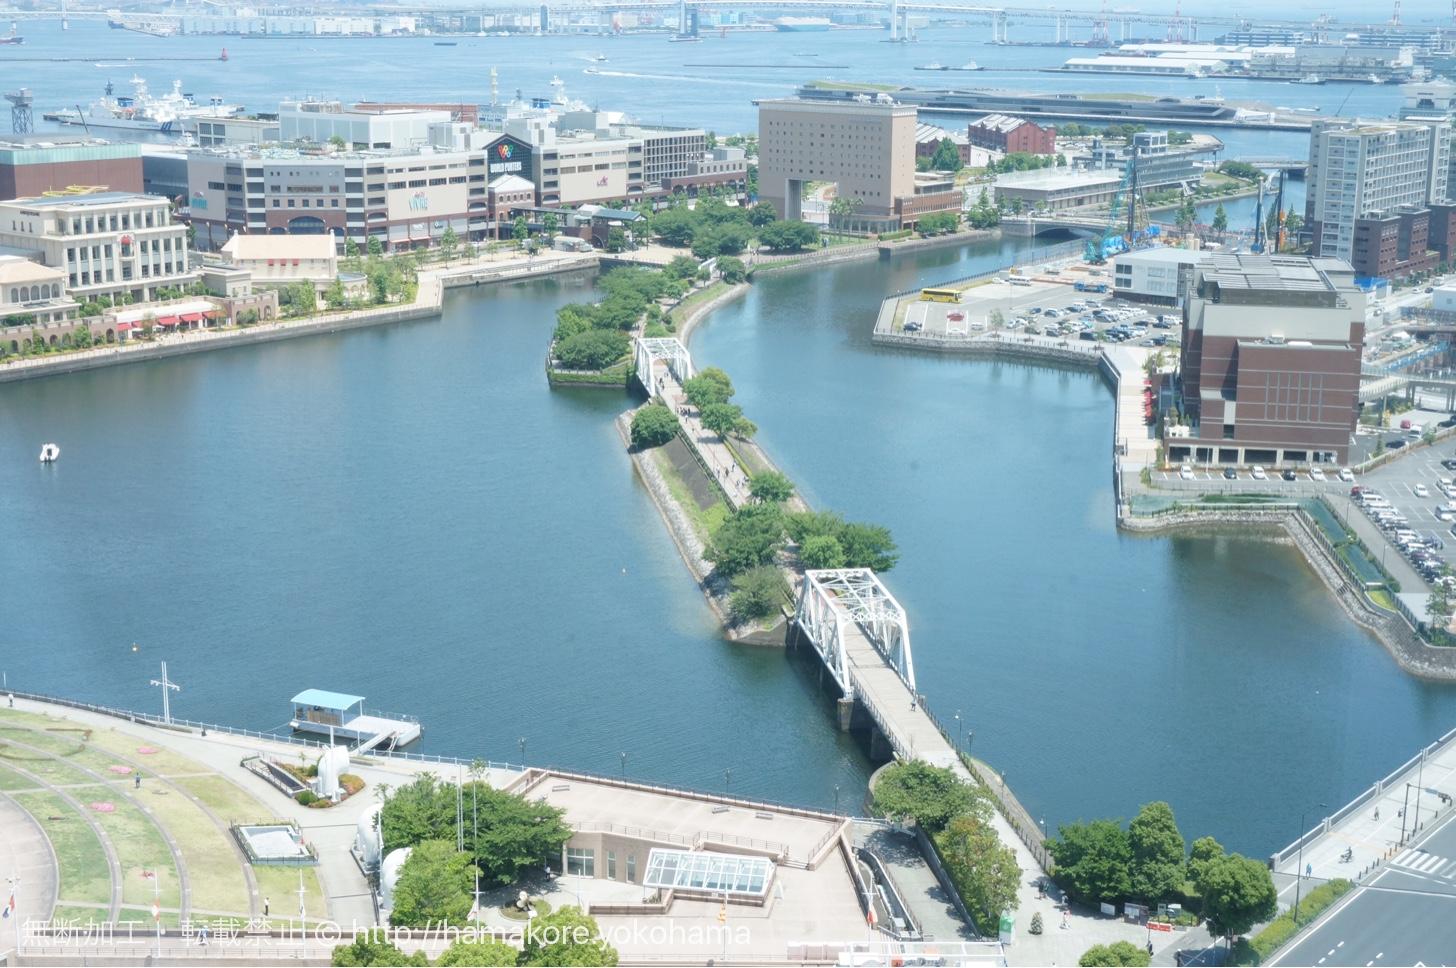 横浜モノリスの席から見た横浜の景色